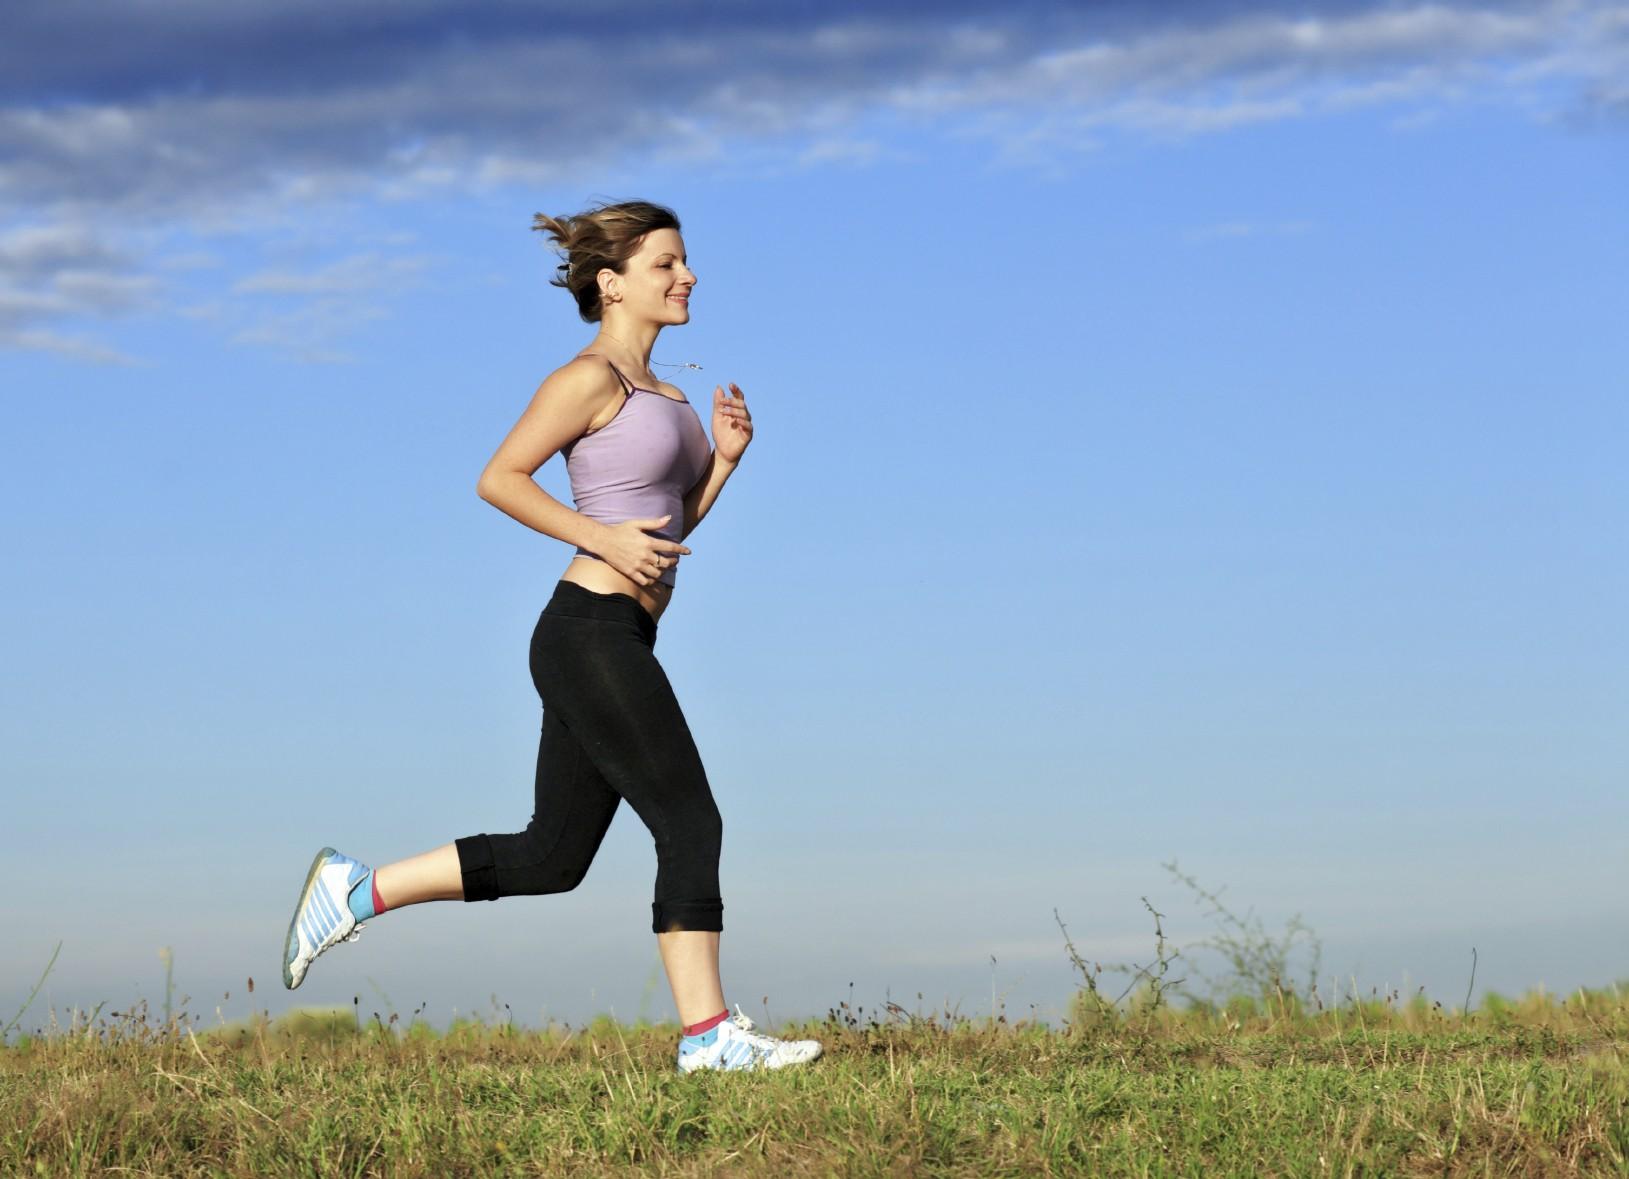 kardio edzés magas vérnyomás esetén)